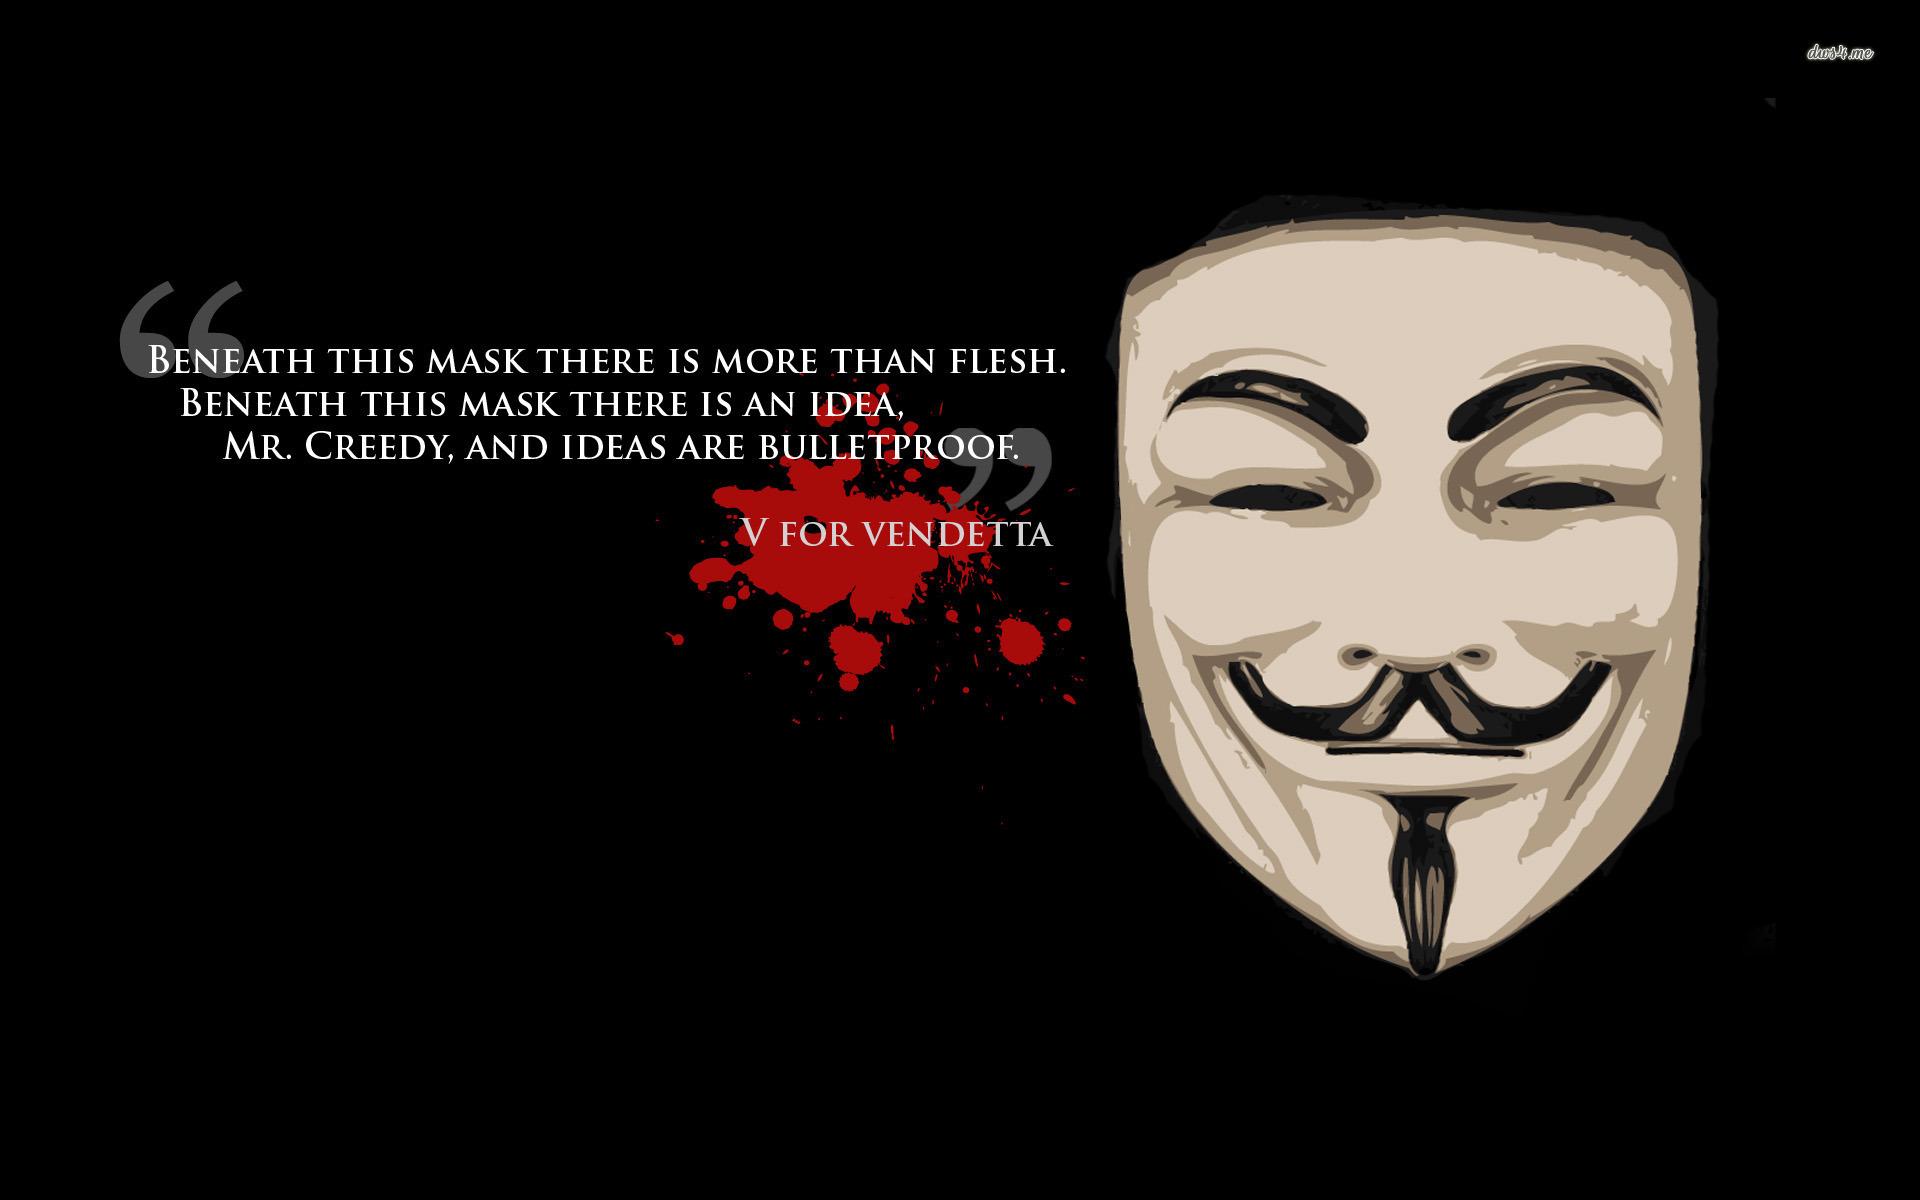 Vendetta quote #1